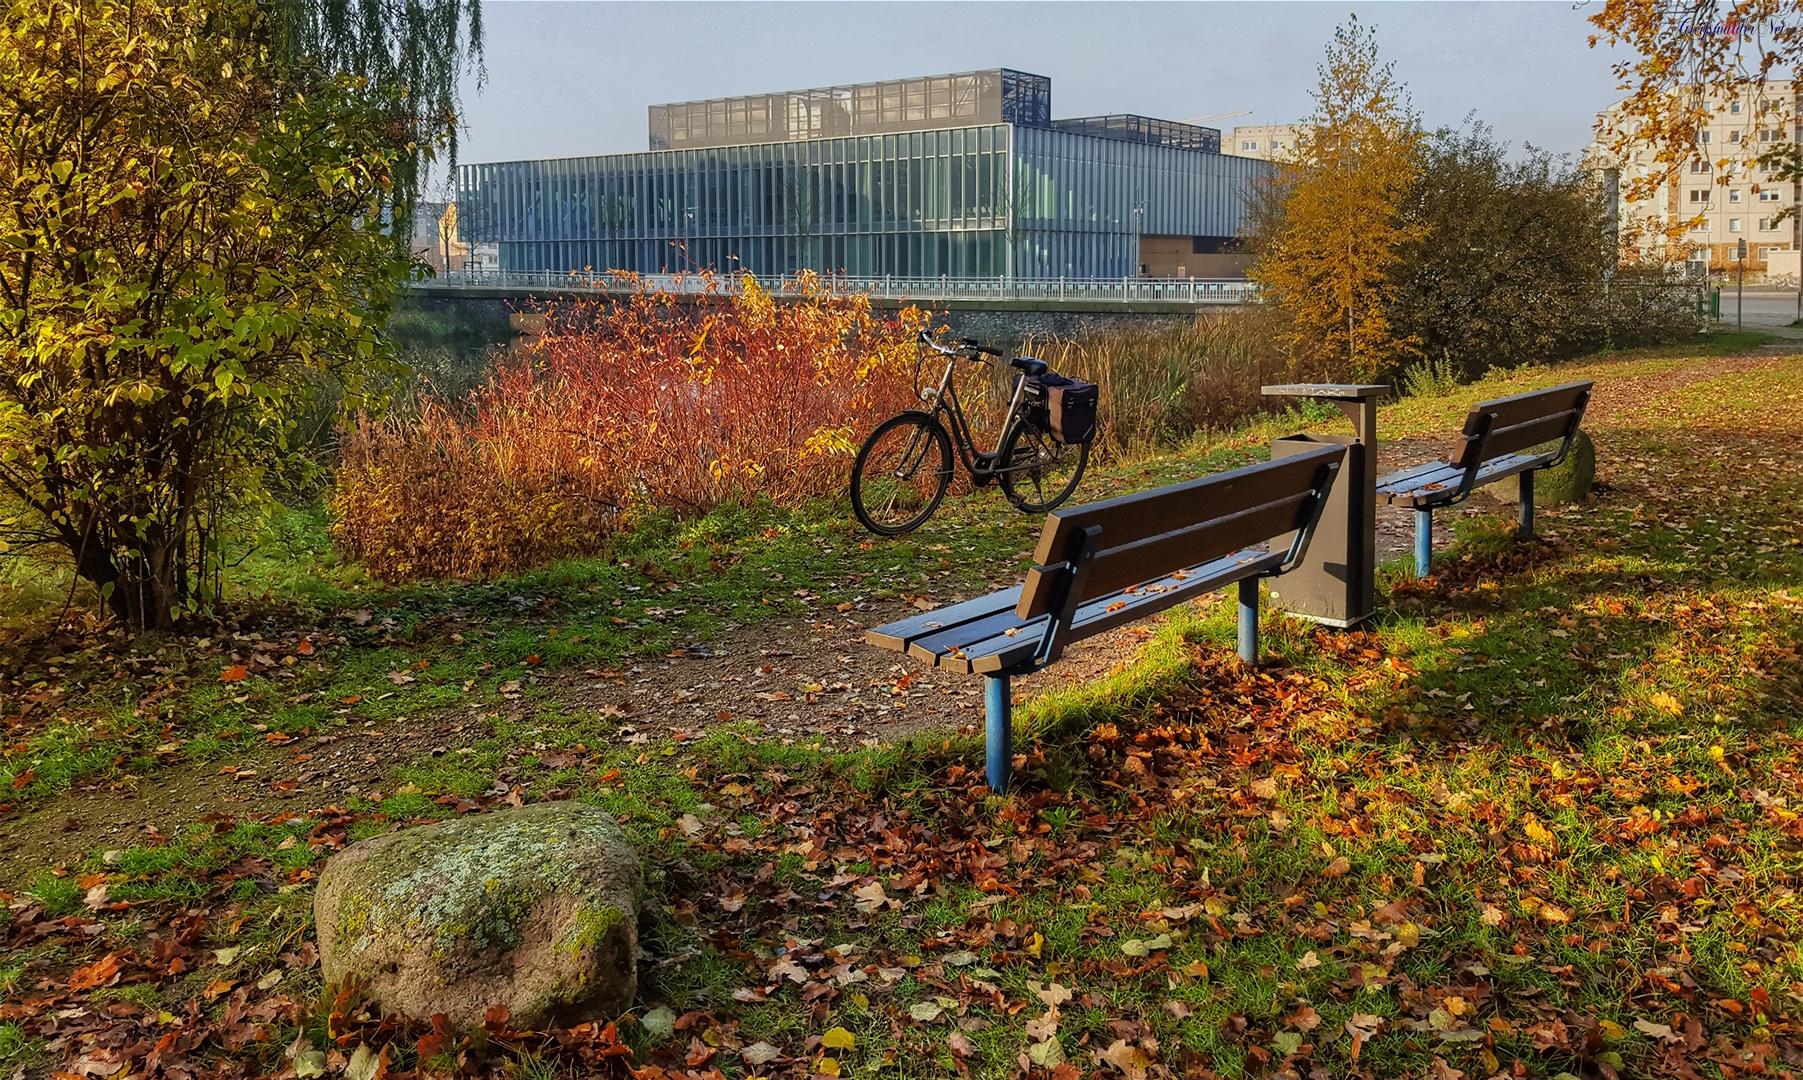 Herbststimmung am Berthold-Beitz-Platz in Greifswald